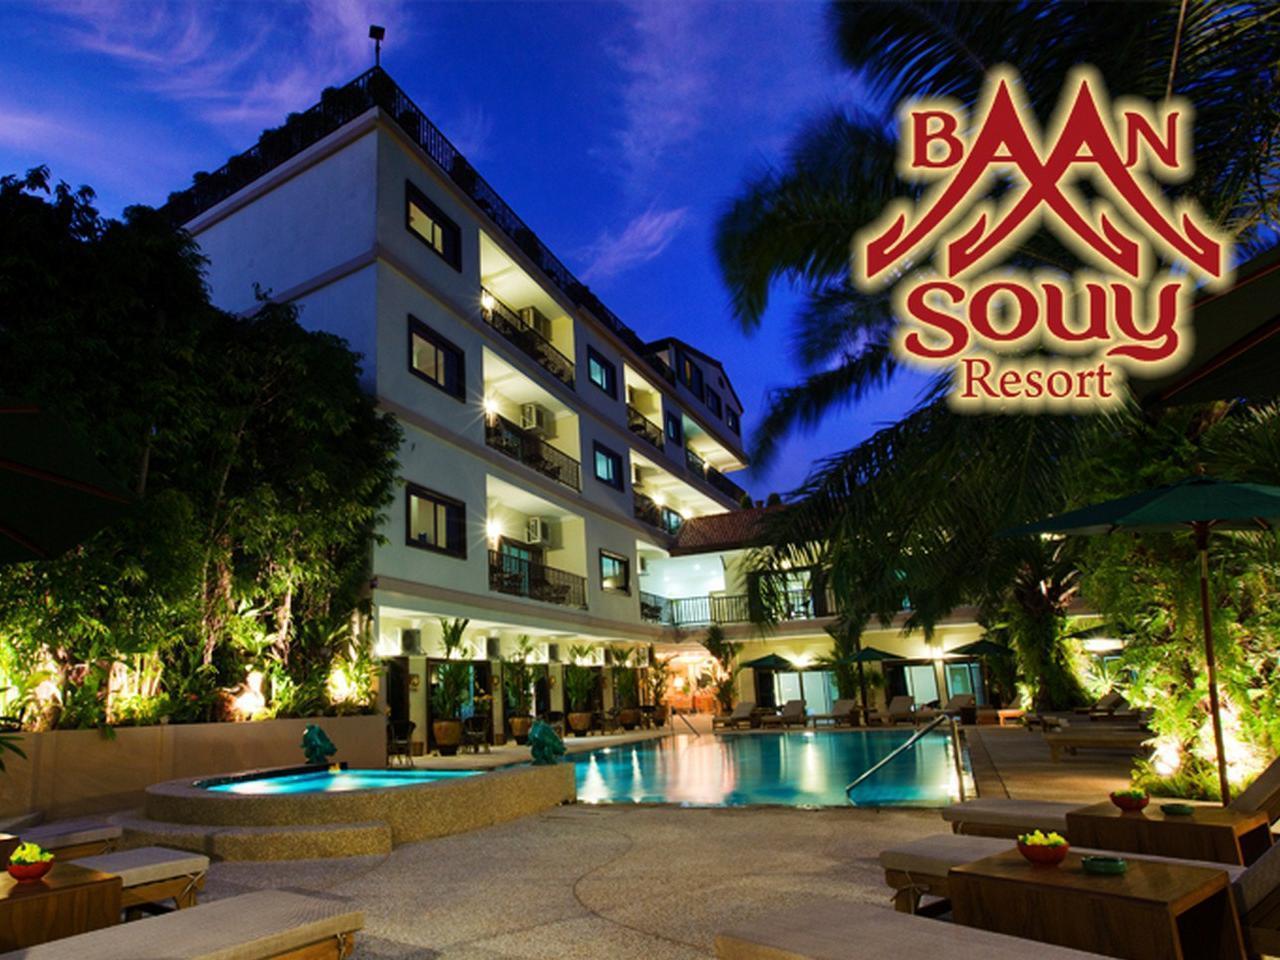 บ้านสวย รีสอร์ท (Baan Souy Resort)